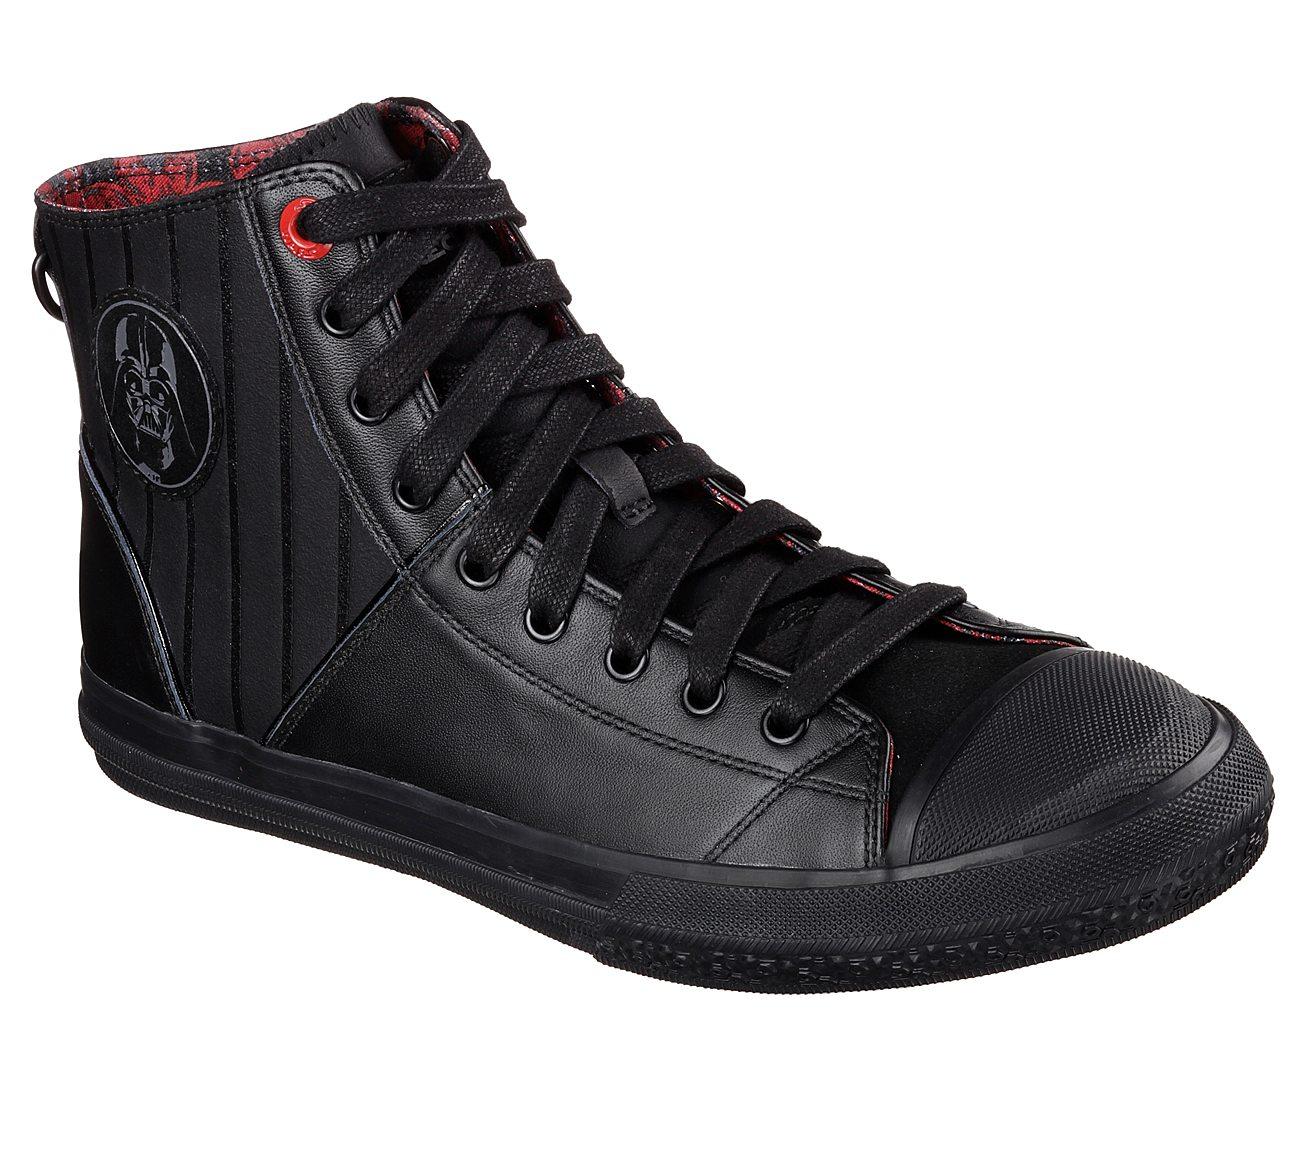 Star Wars Sneakers >> Buy Skechers Star Wars Legacy Vulc Vader Lux High Top Sneakers